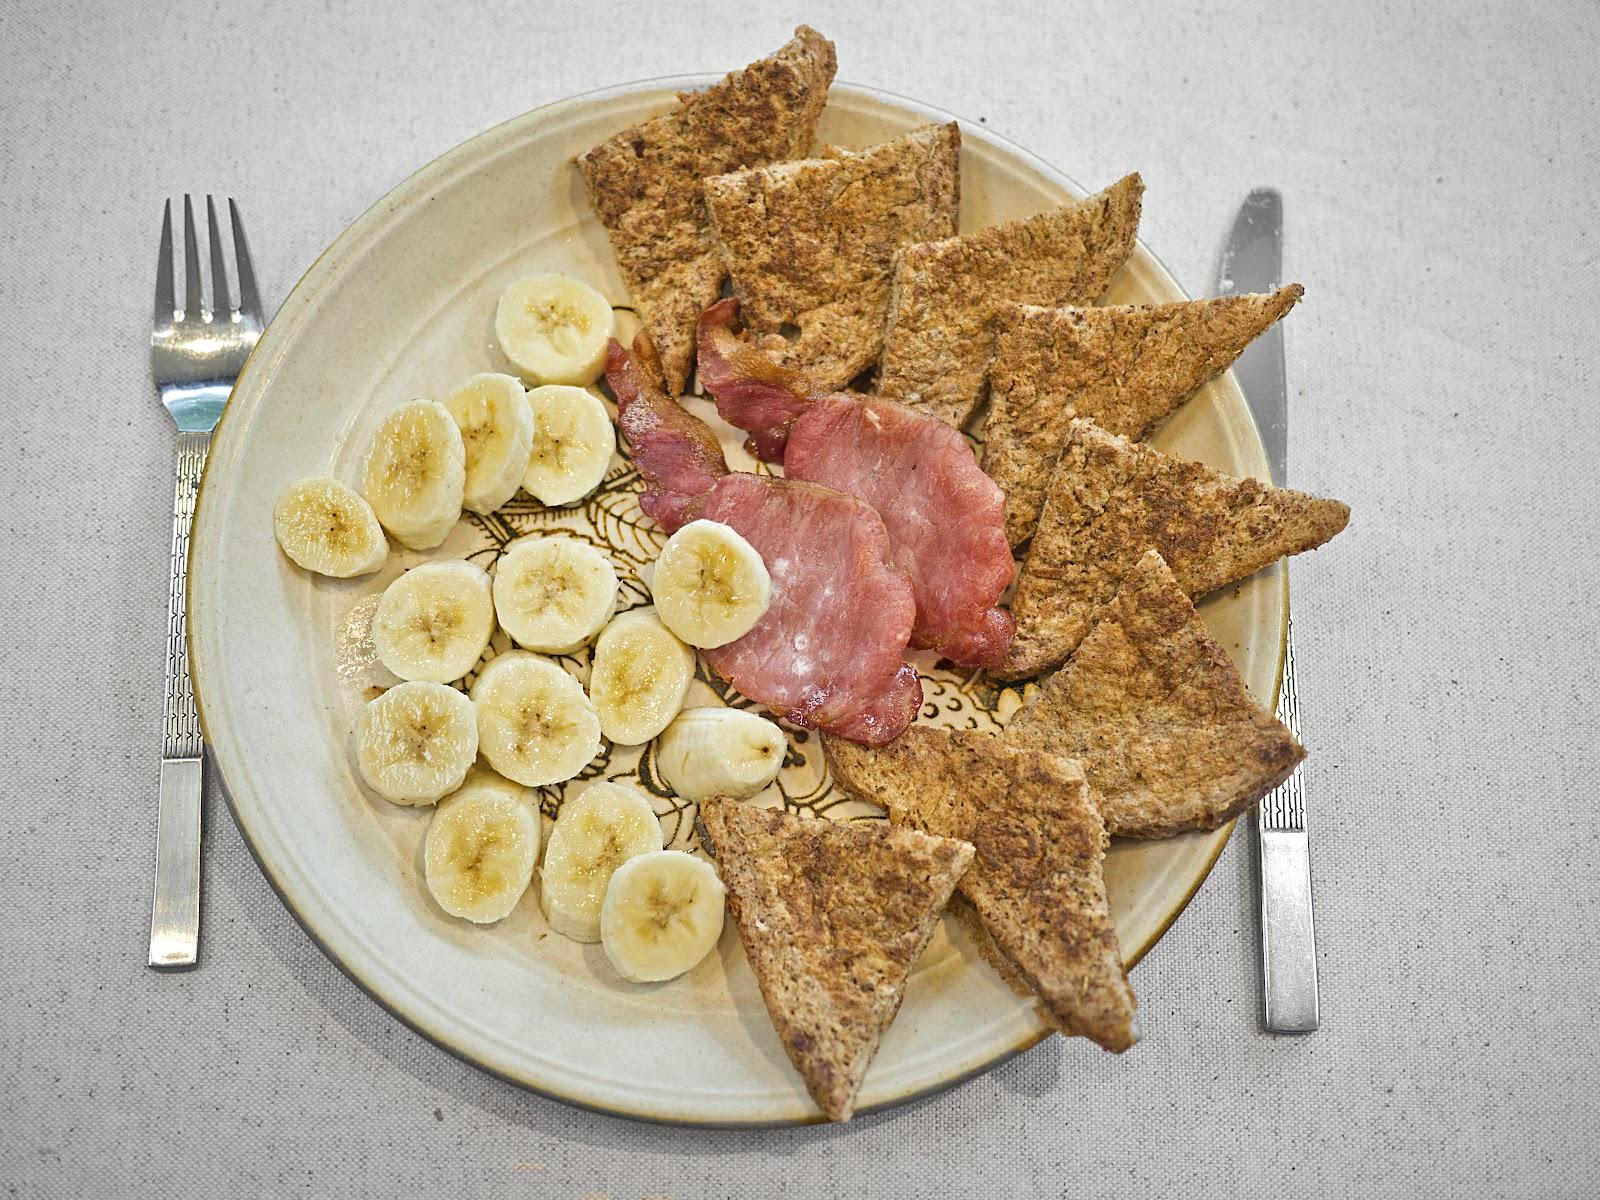 Galavanting-Gourmet